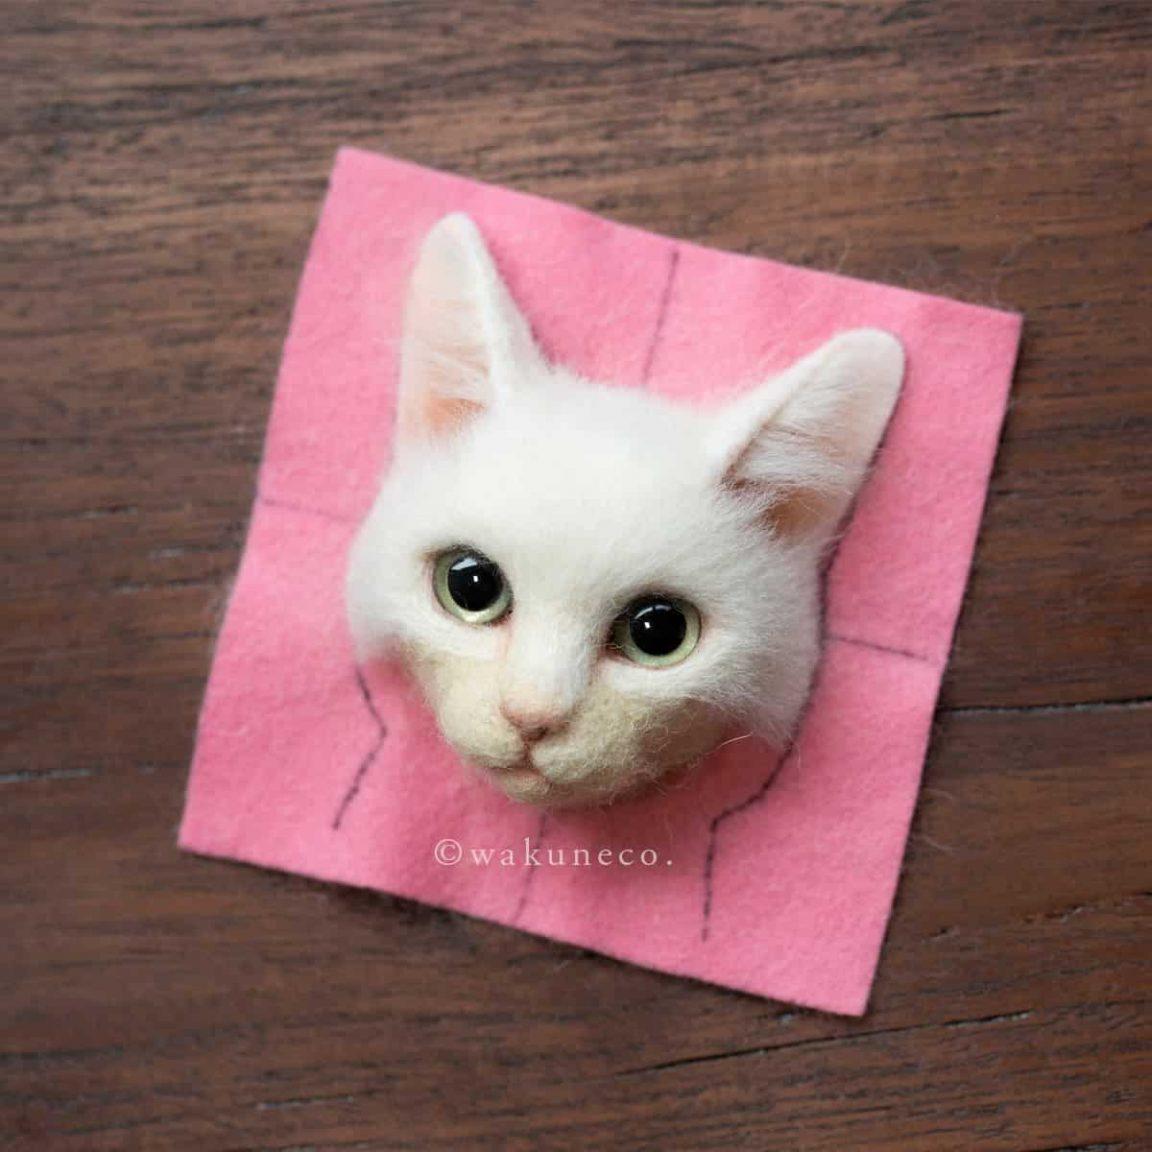 cats wakuneco 4